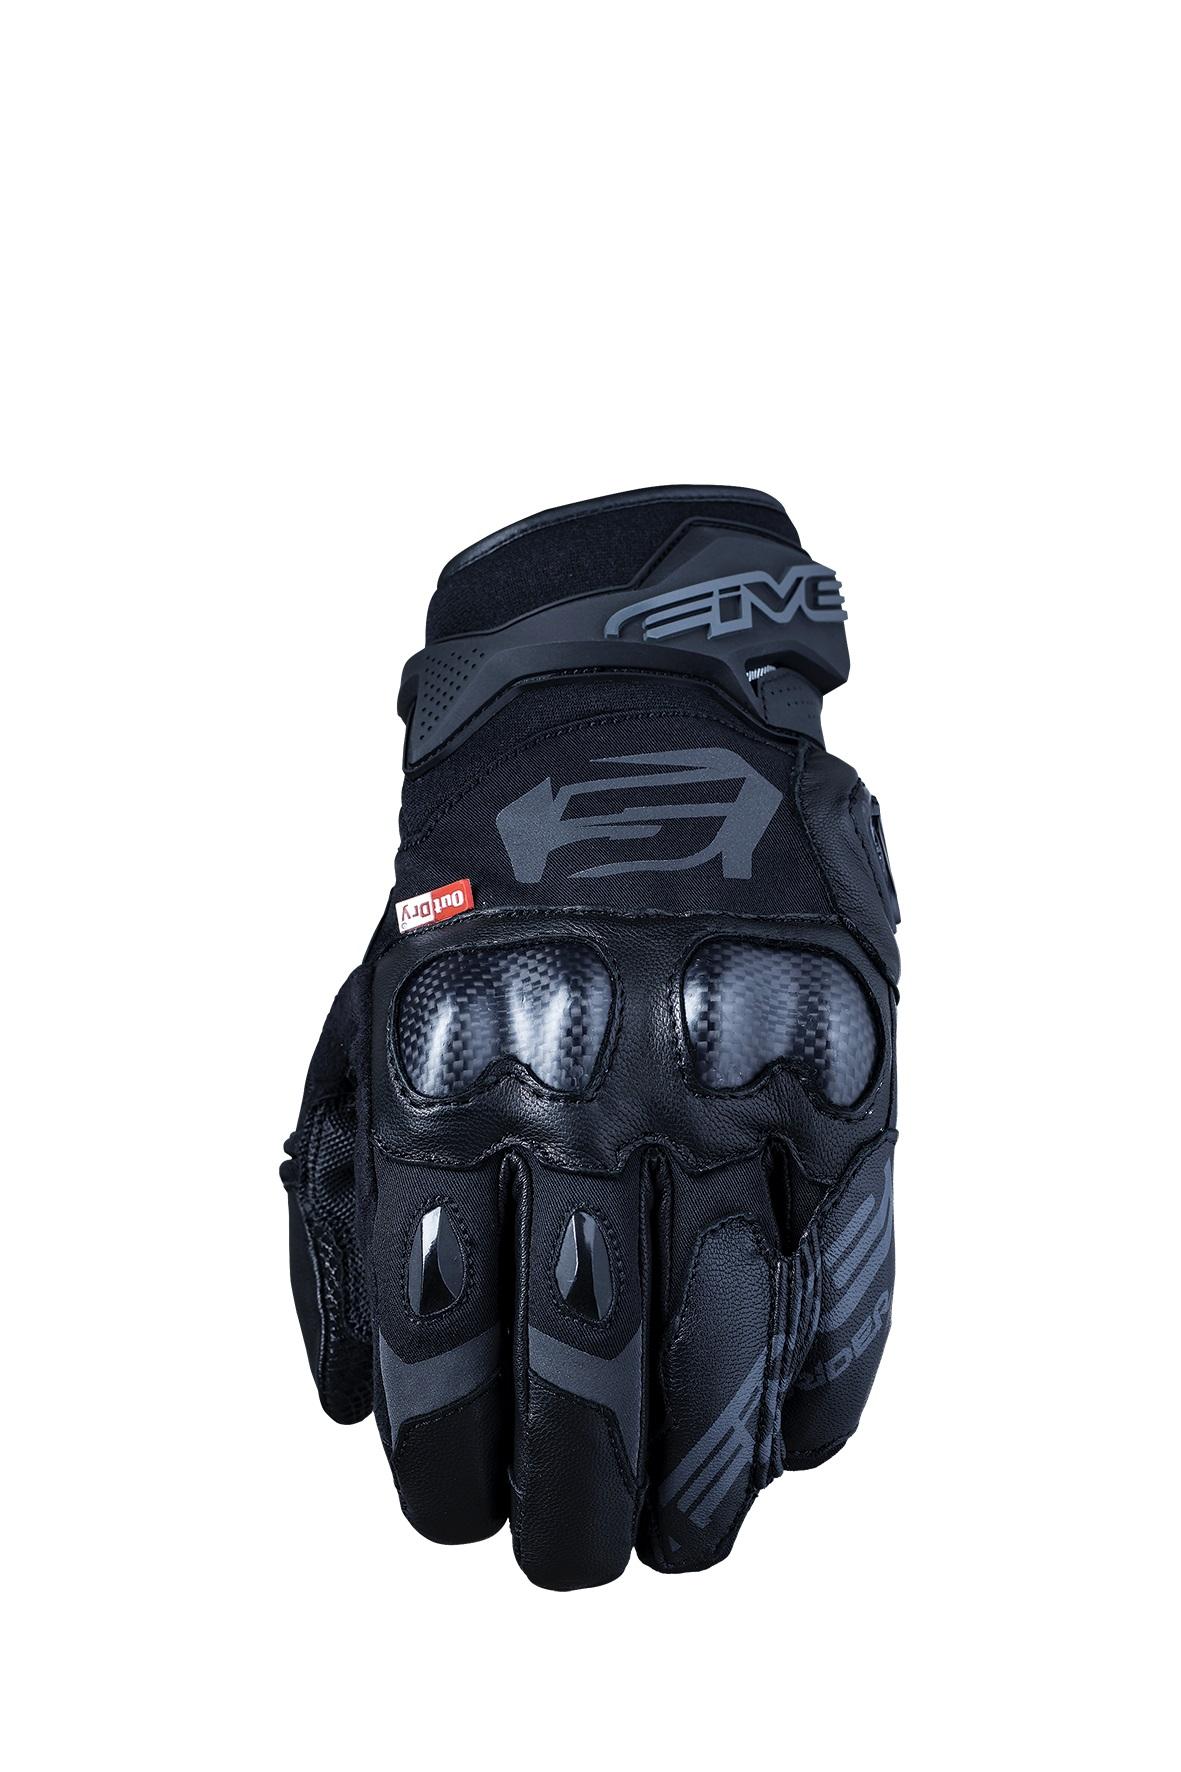 Five X-Rider WP Guantes Motorista Negros XL